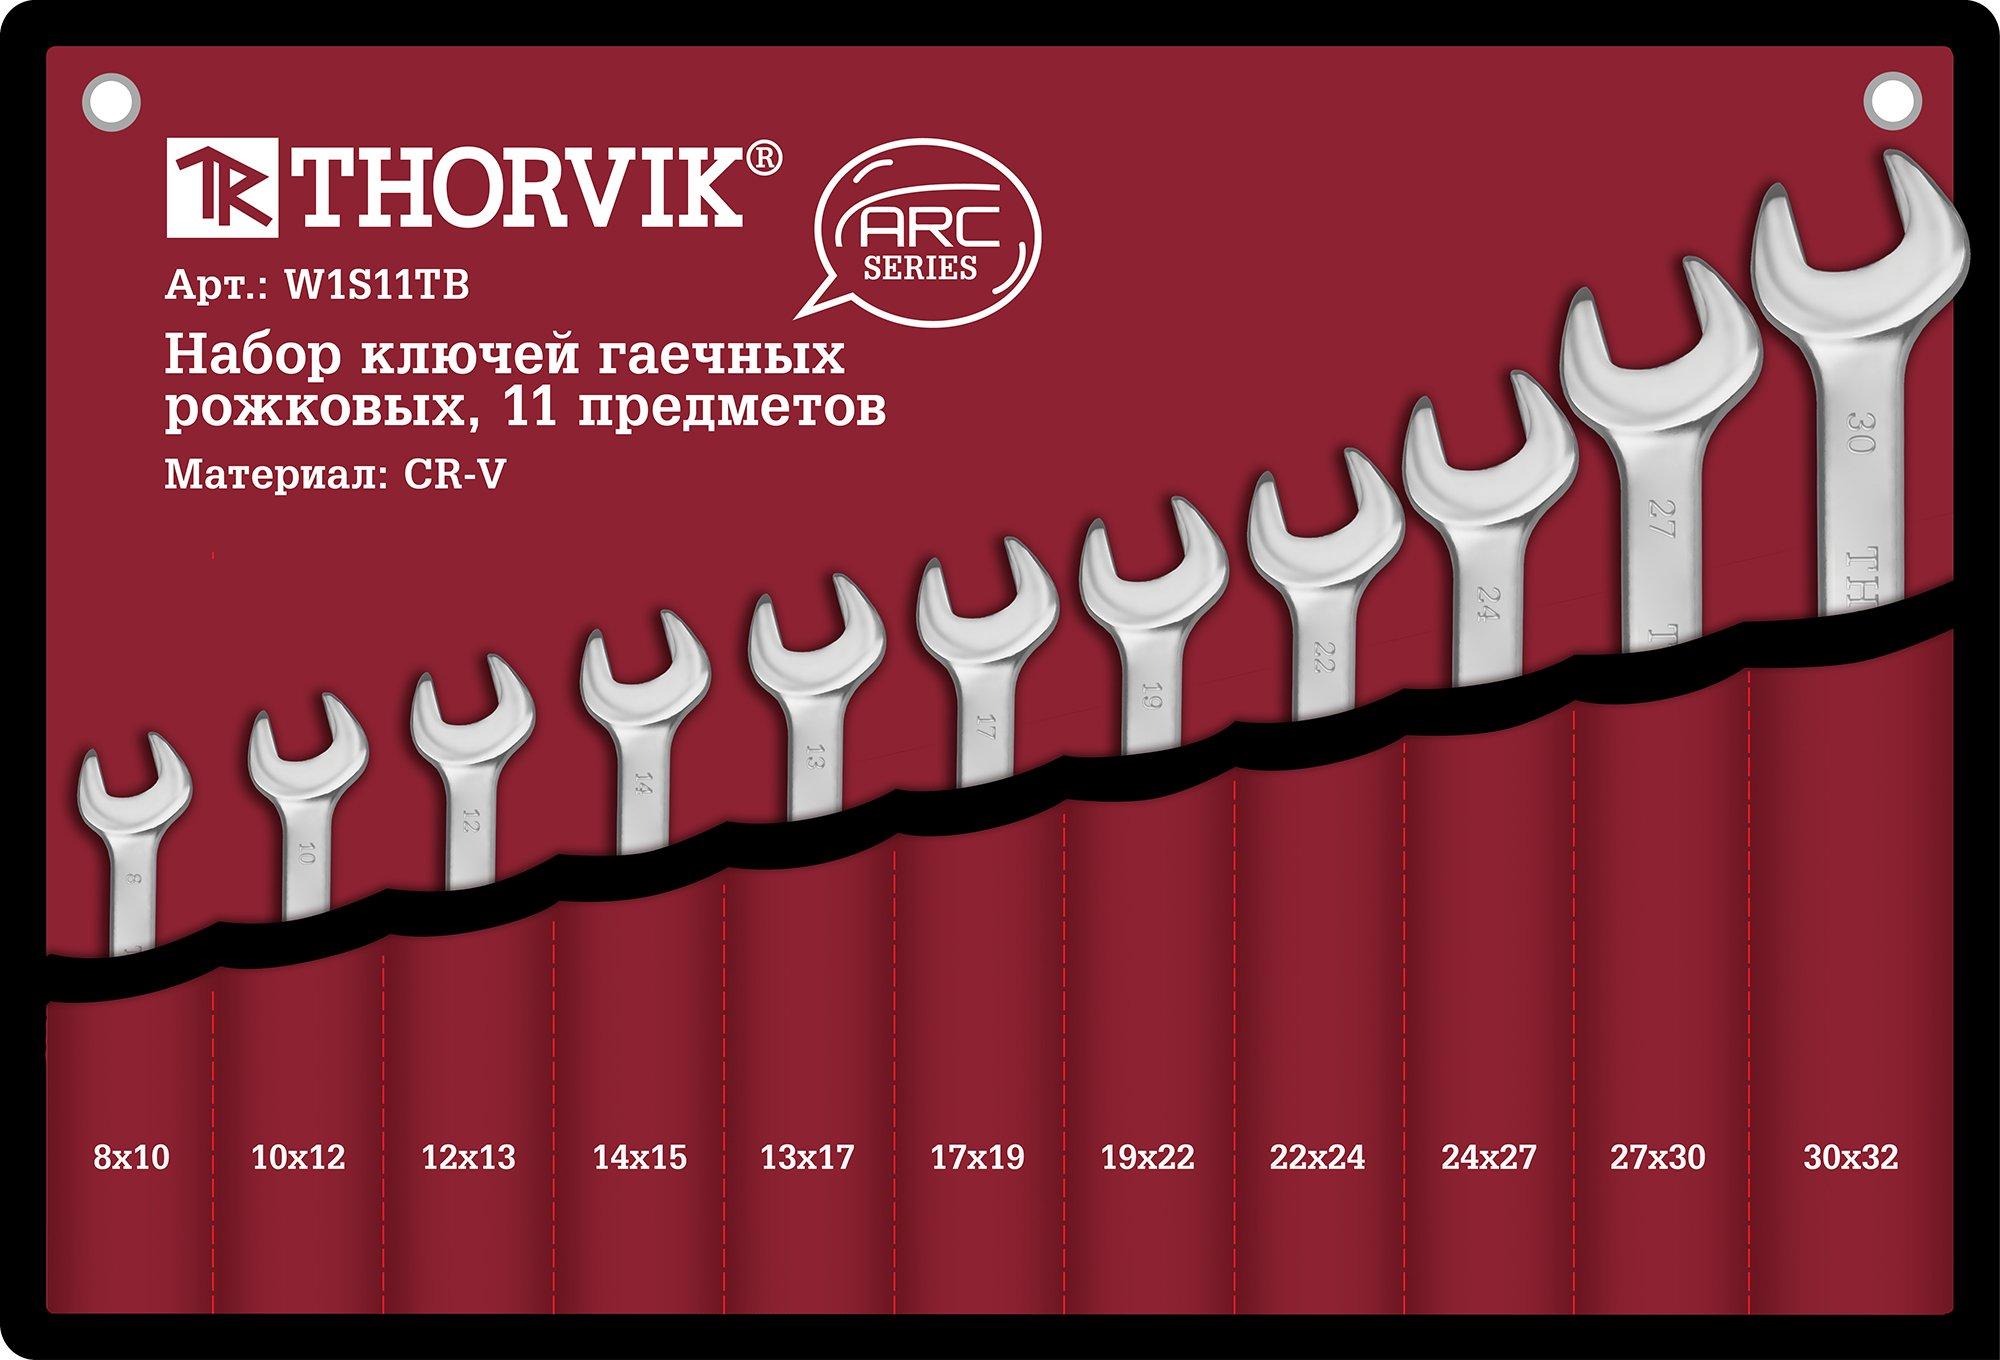 Набор ключей рожковых в сумке, 8-32 мм, 11 предметов Thorvik THK-8831